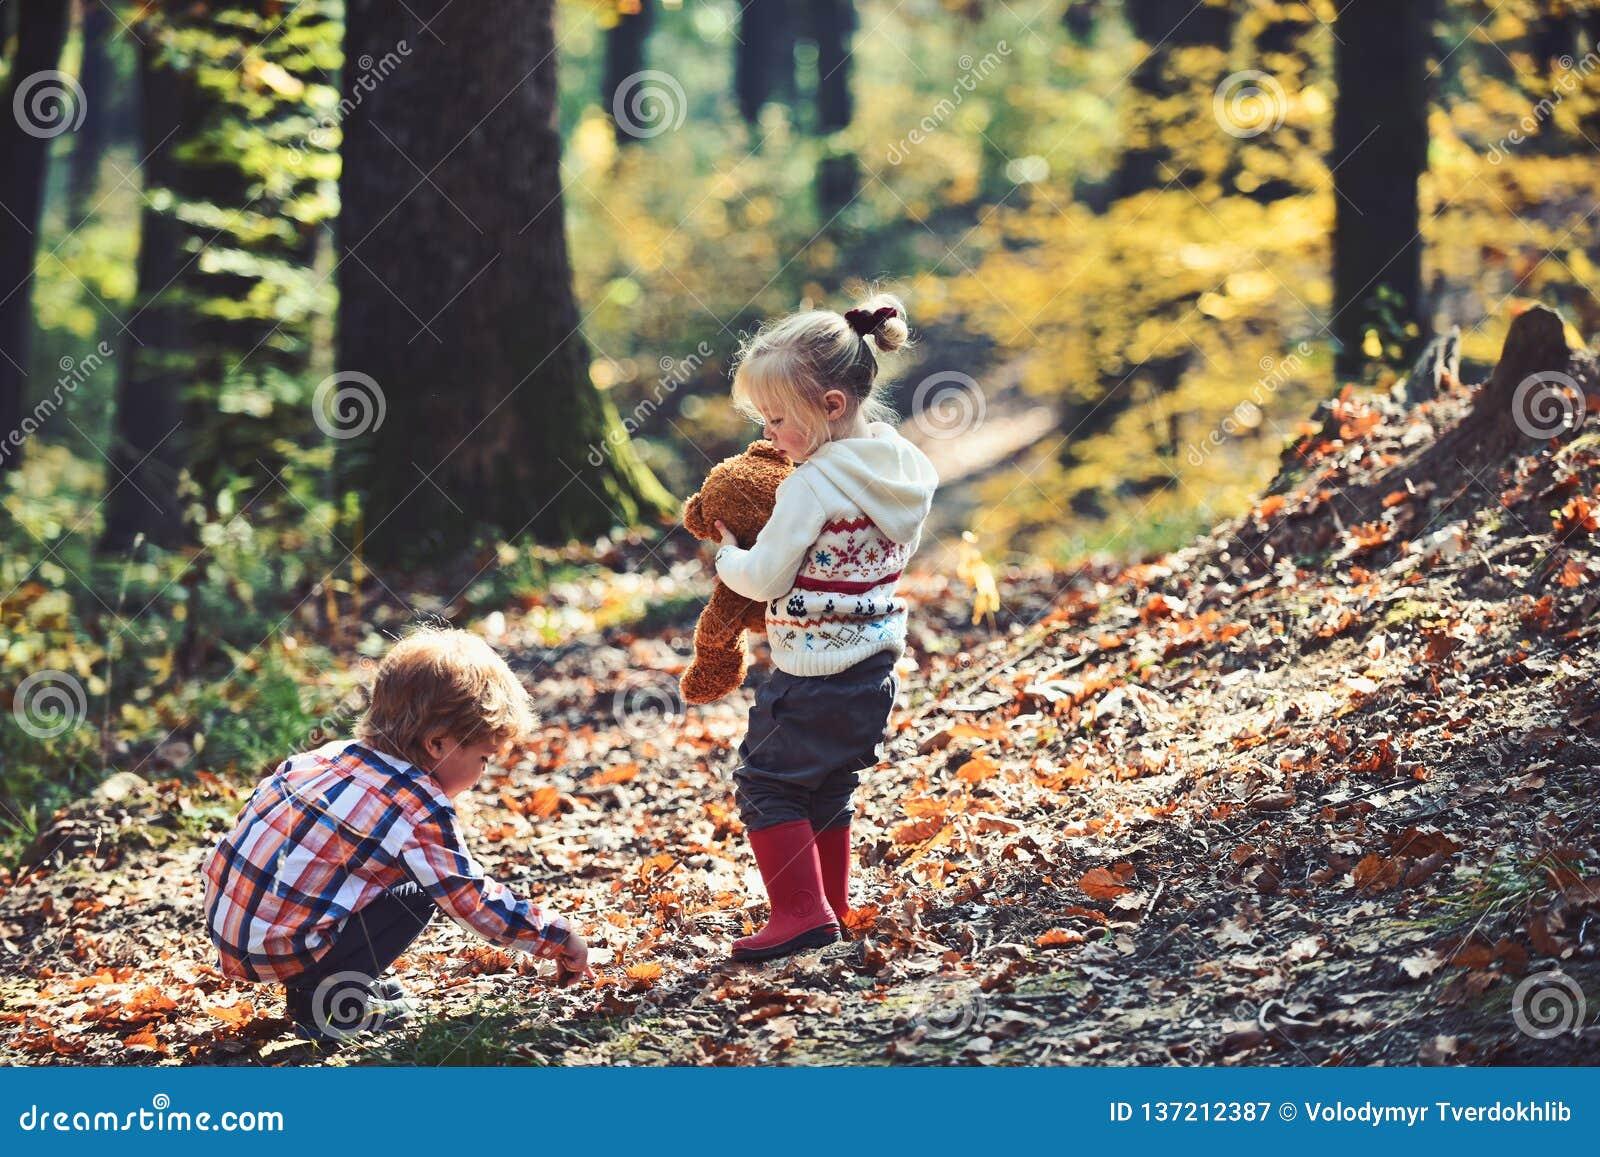 De actieve kinderen spelen spelen op verse lucht in de herfst bos Actieve rust en jonge geitjesactiviteit openlucht